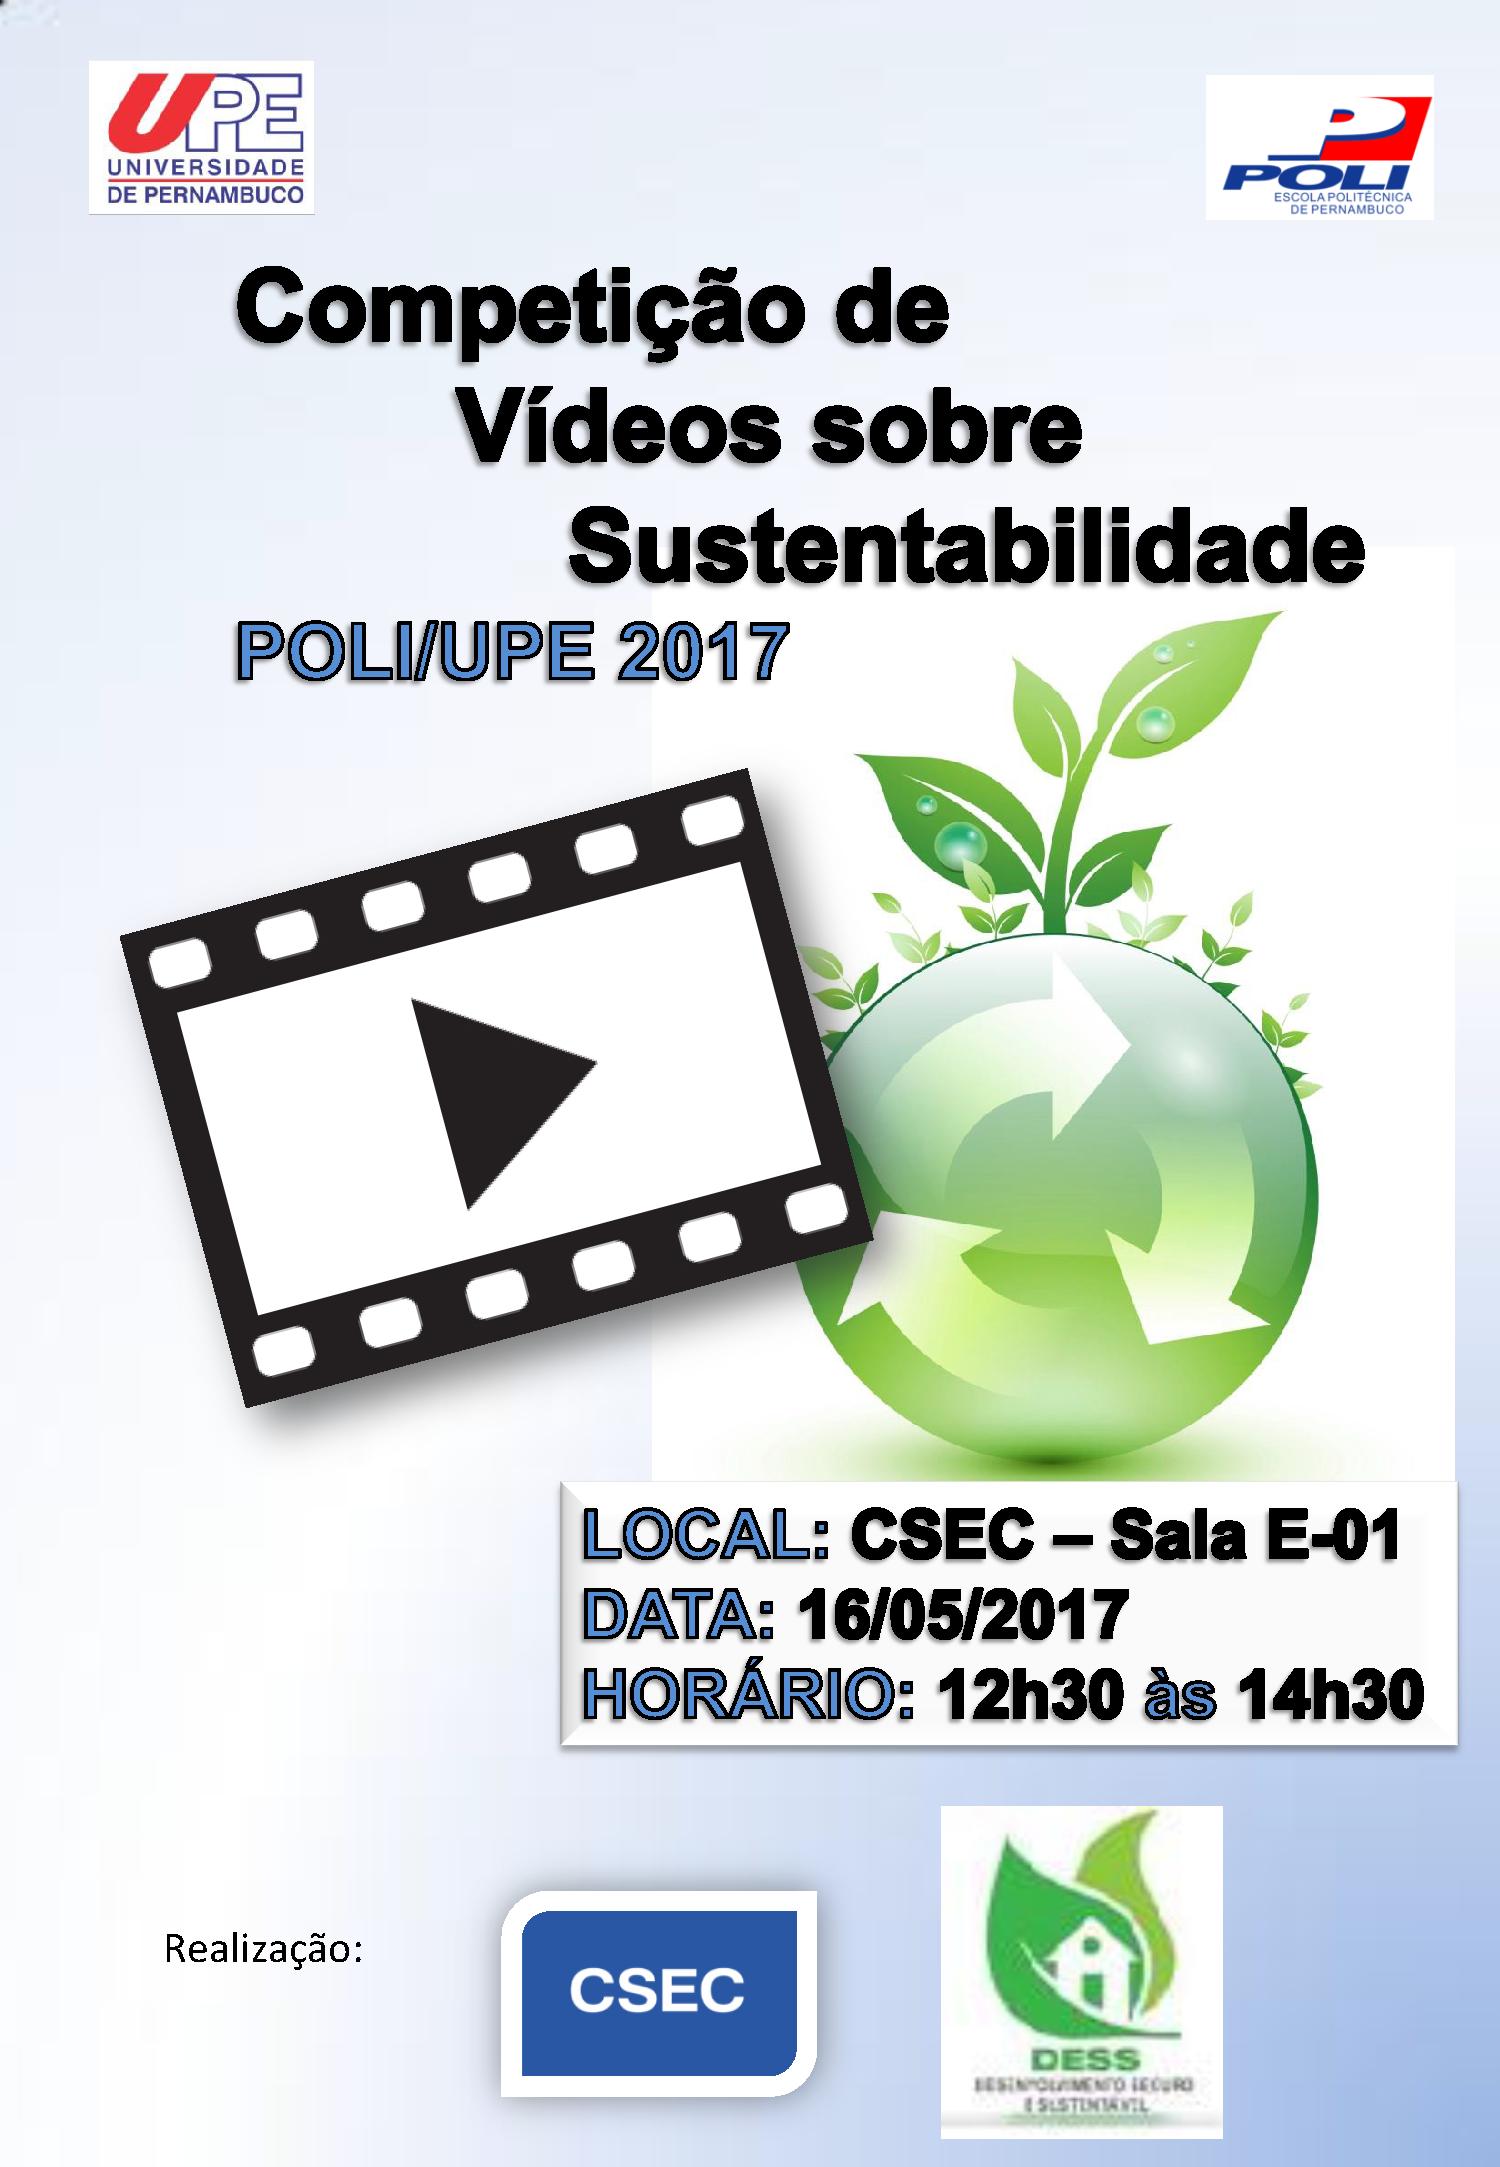 5ª Competição de Vídeos sobre Sustentabilidade